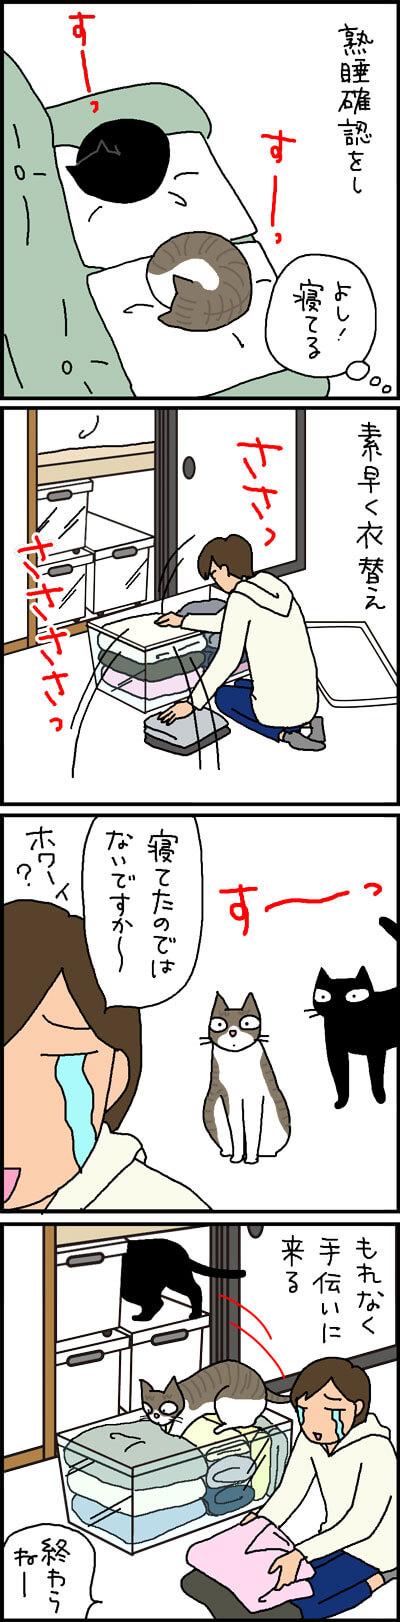 猫のいる家庭の衣替えの4コマ猫漫画